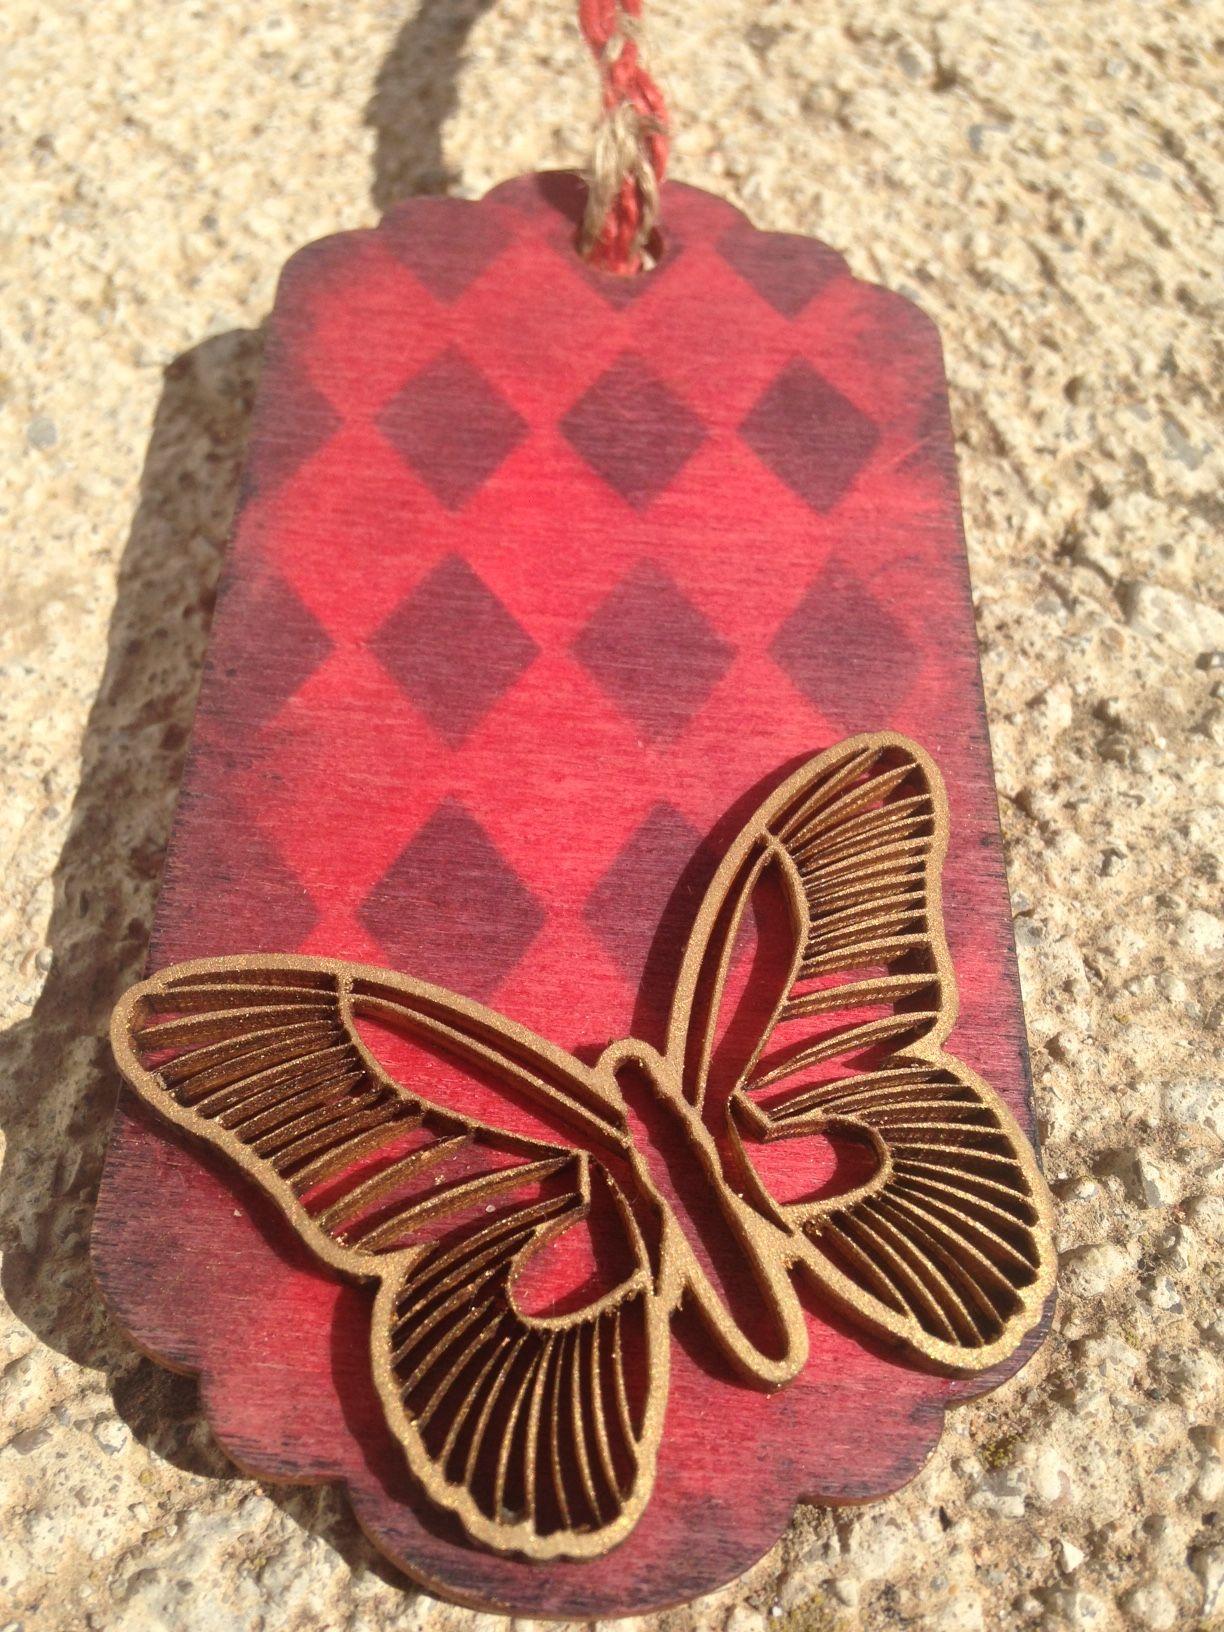 Tag de madera decorado con pinturas Markal y una silueta de mariposa